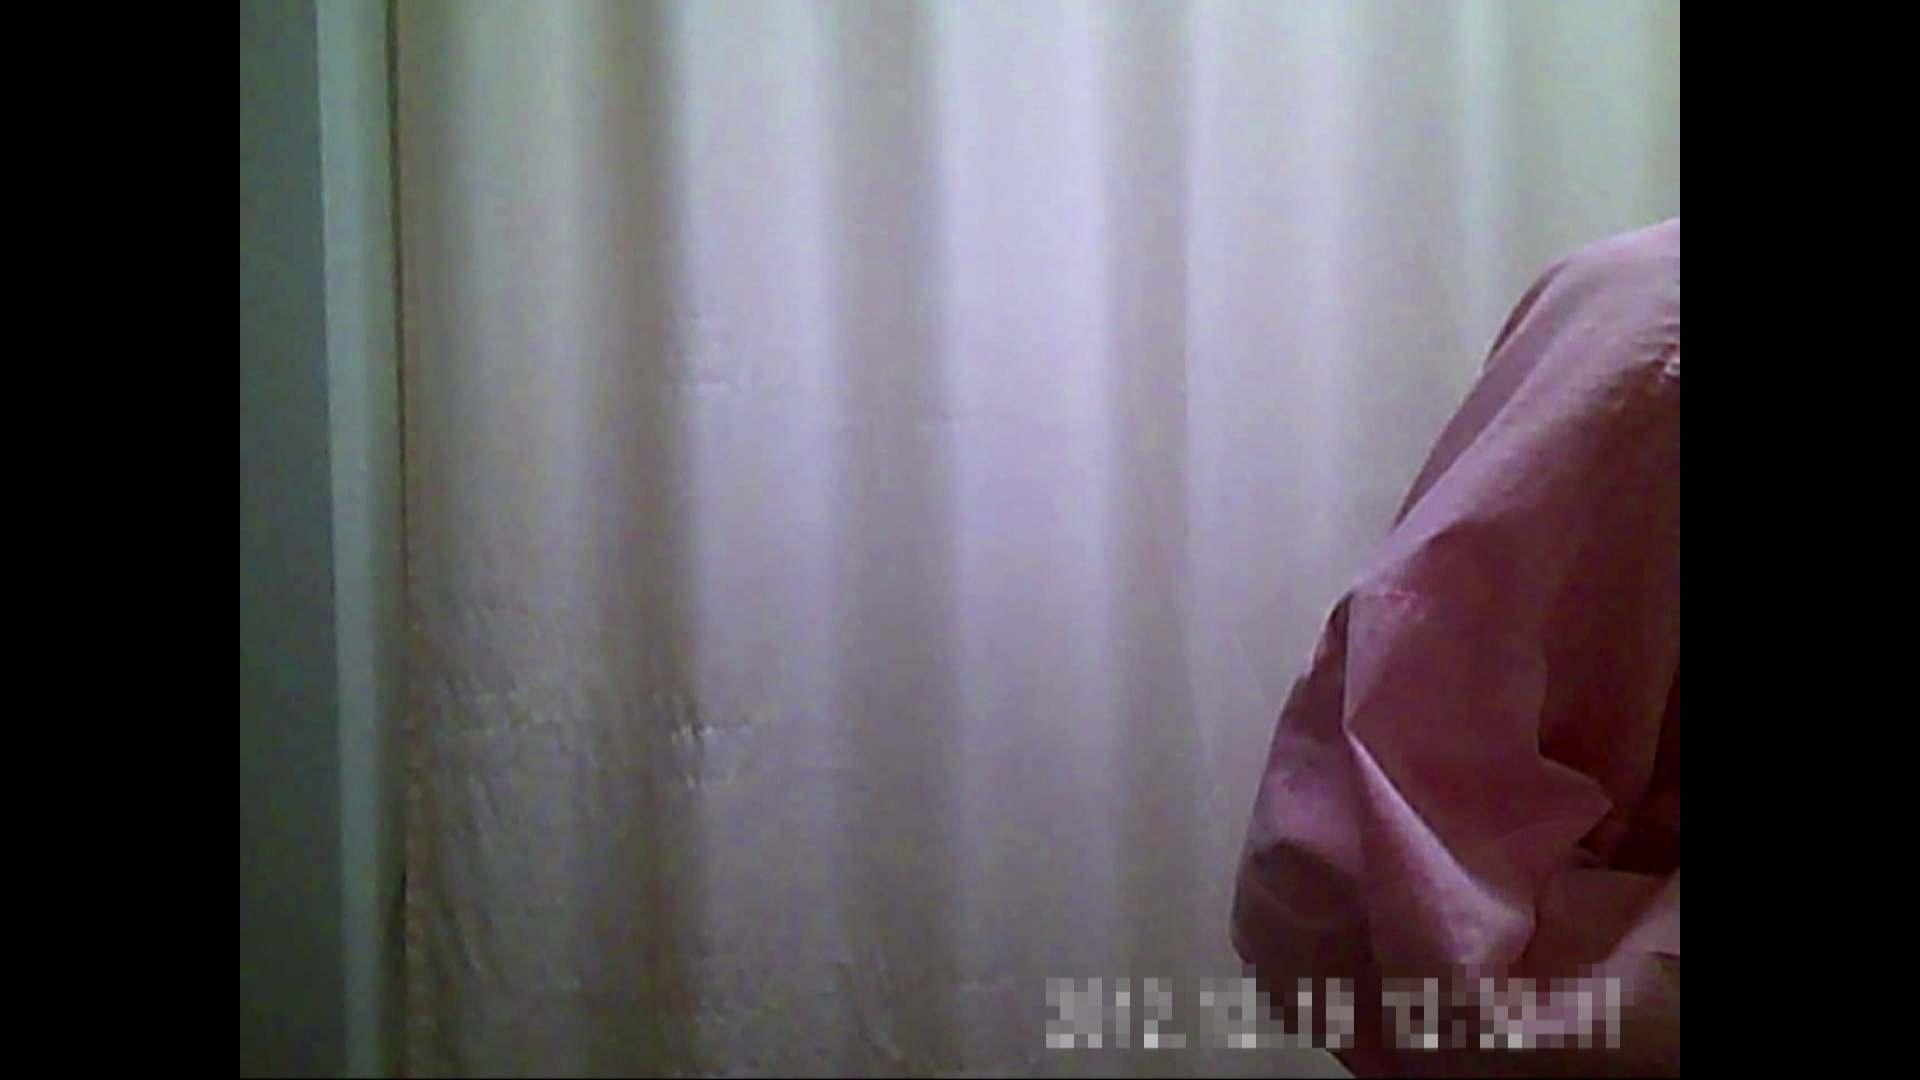 元医者による反抗 更衣室地獄絵巻 vol.115 OLハメ撮り  90Pix 61